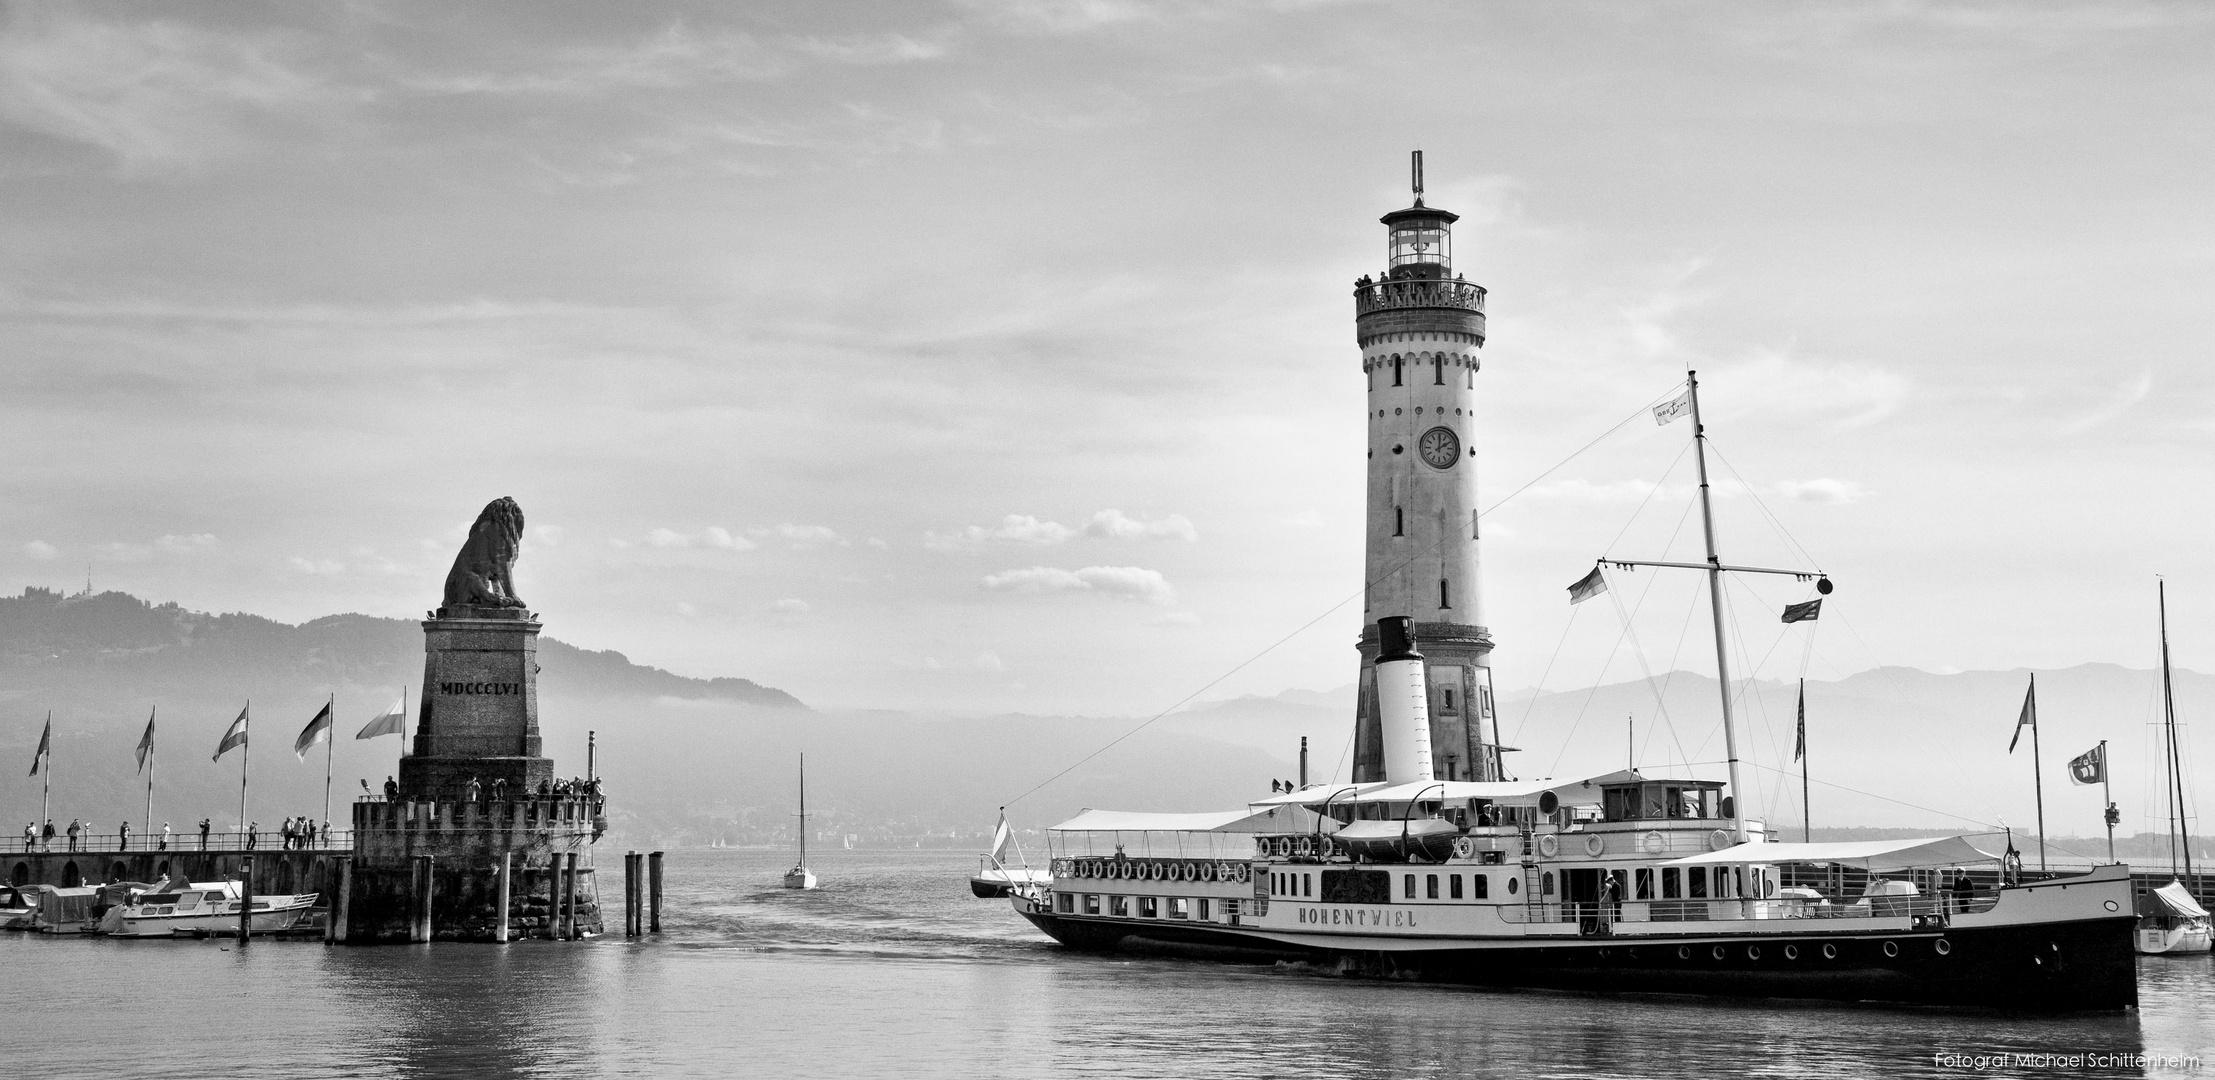 Hohentwiel | Das königliche Dampfschiff. Seit 1913. | Lindau im Bodensee